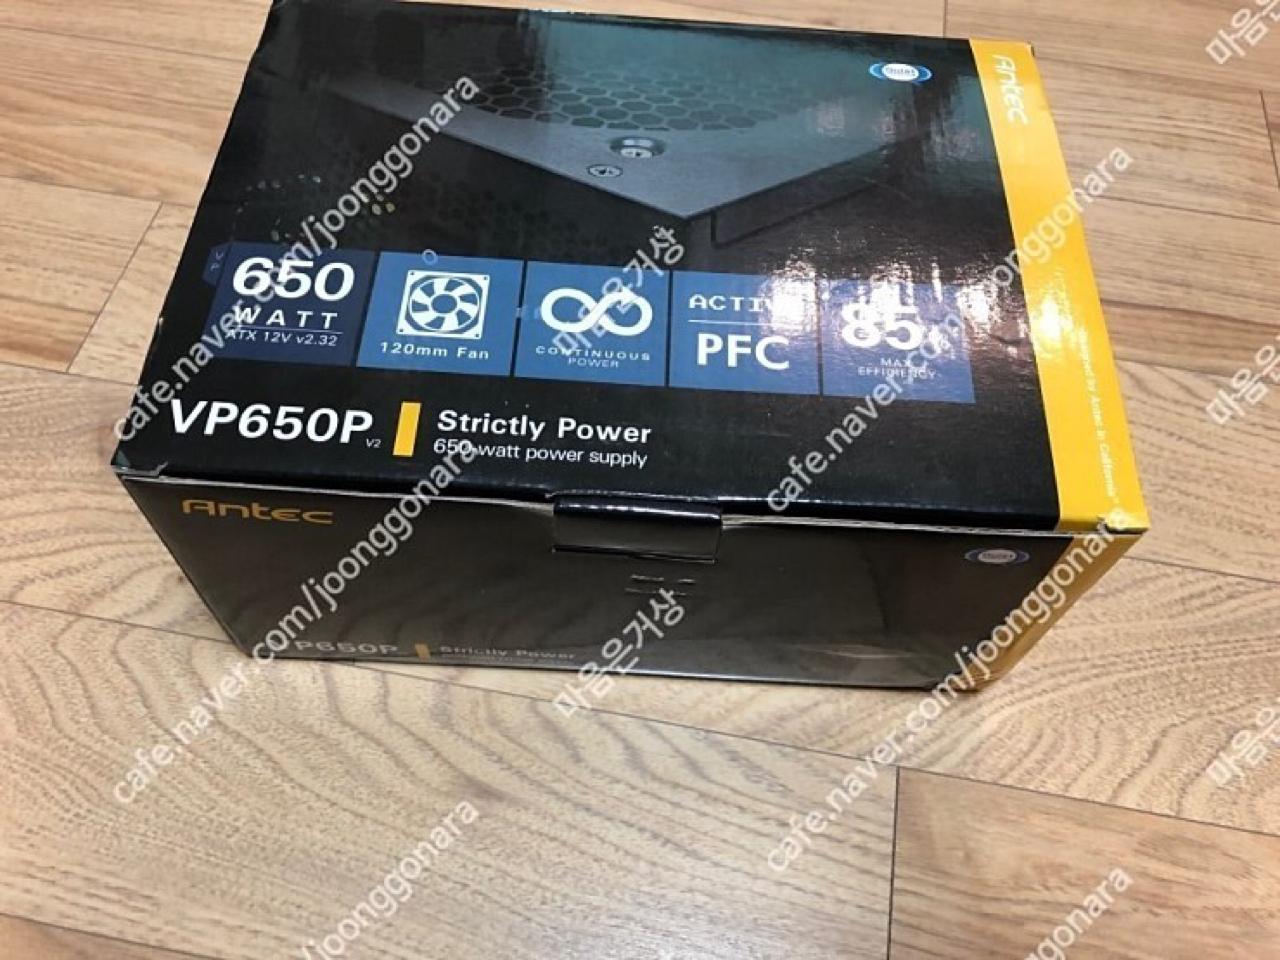 명품 파워 | 안텍 | Antec VP650P V2 ATX규격 5만원에 판매합니다!